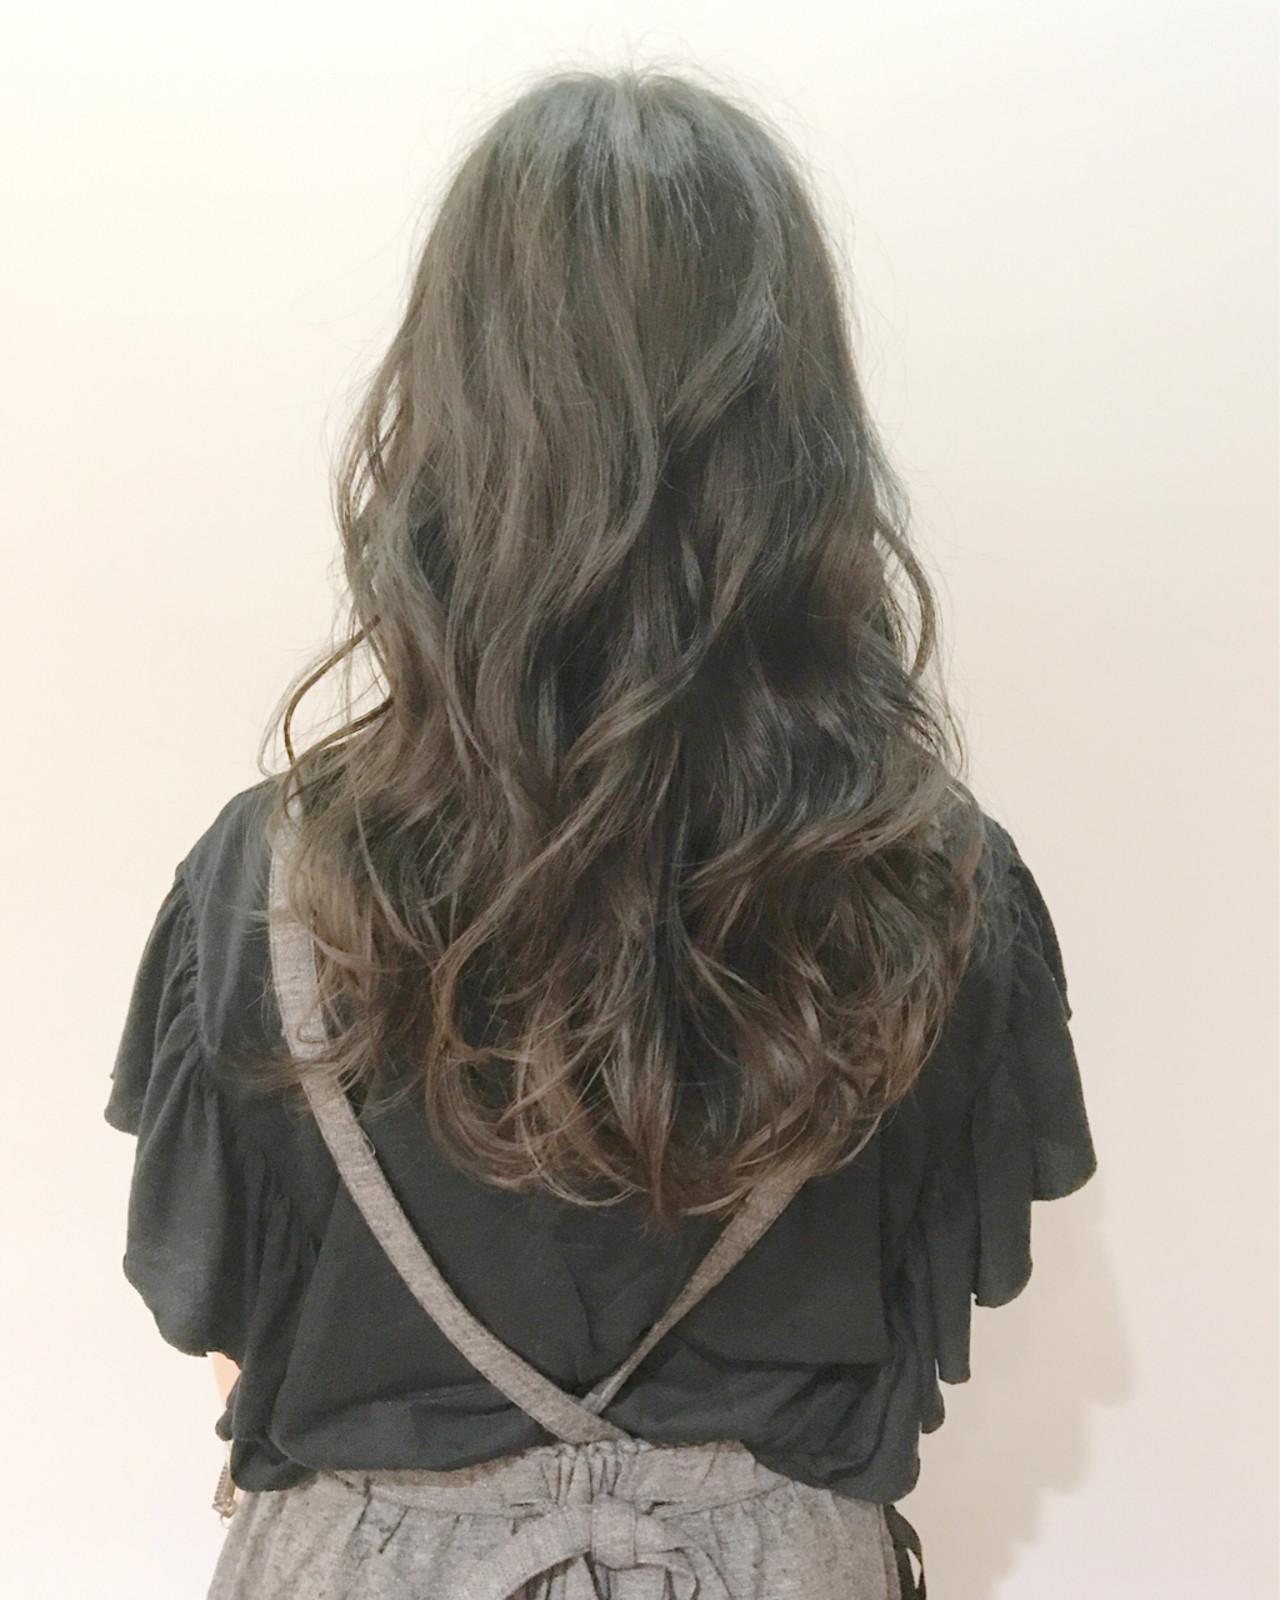 デート ナチュラル ヘアアレンジ カール ヘアスタイルや髪型の写真・画像